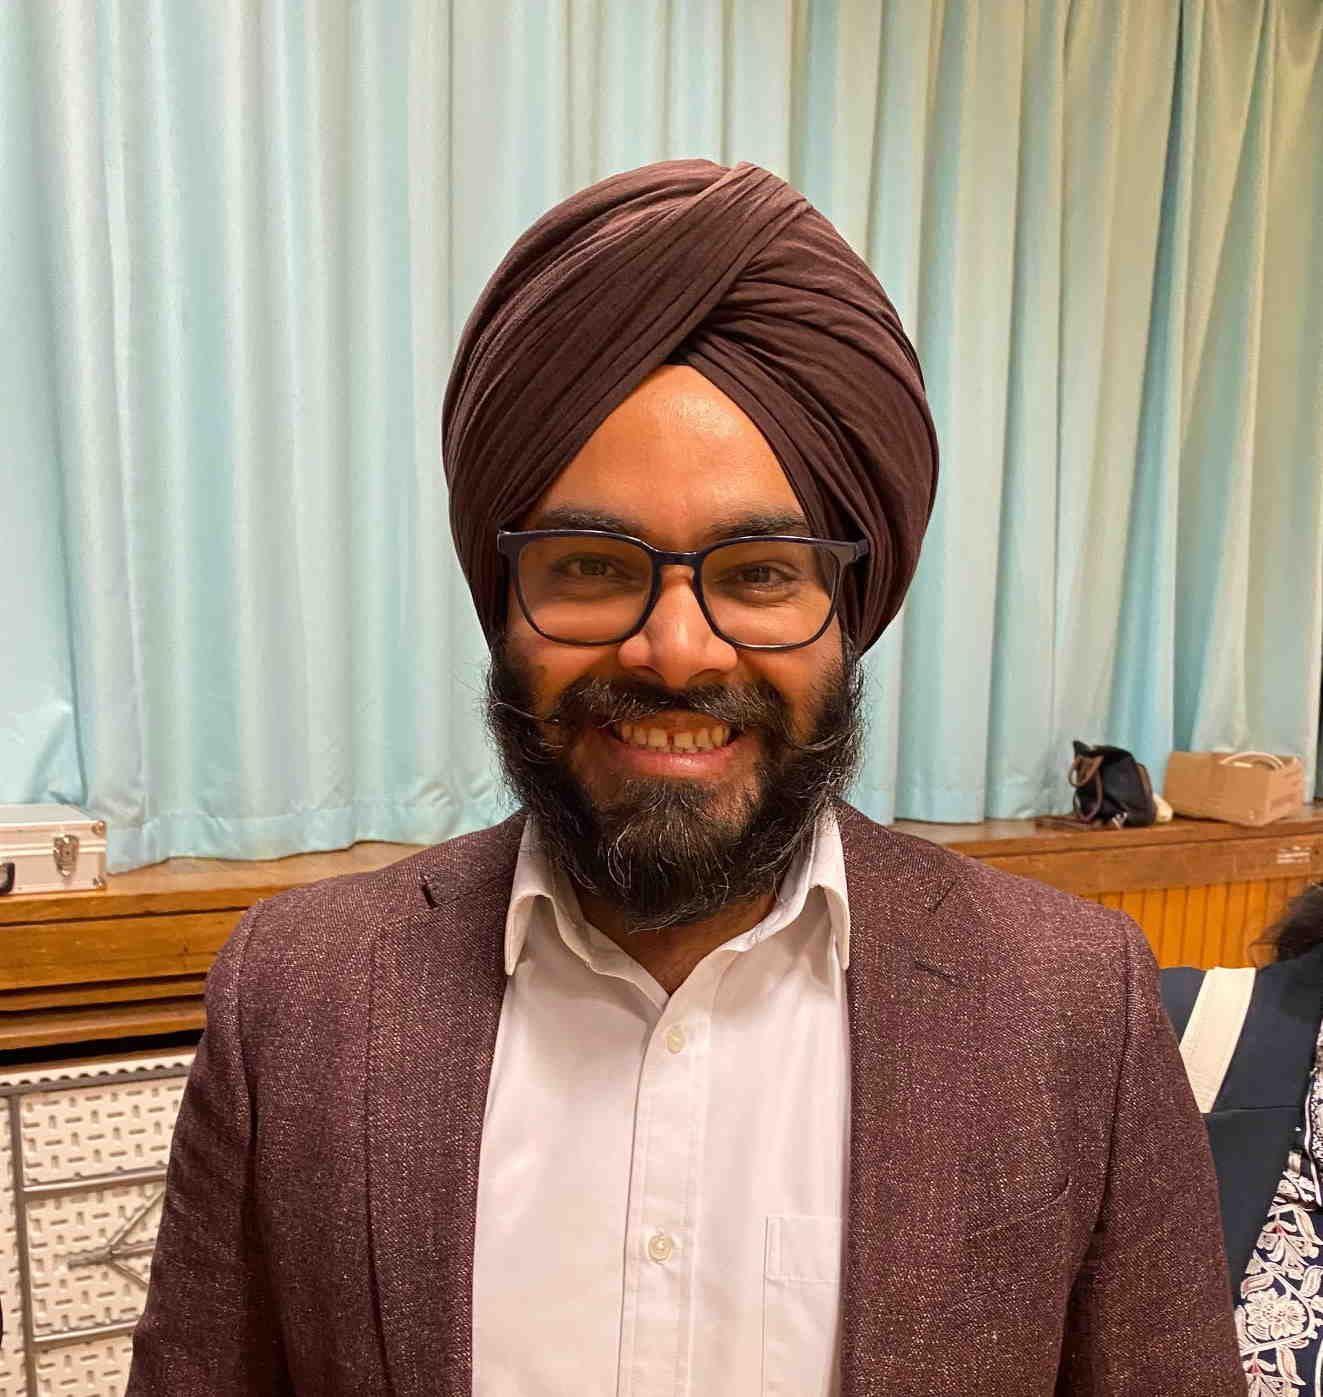 Balinder Singh Khillan